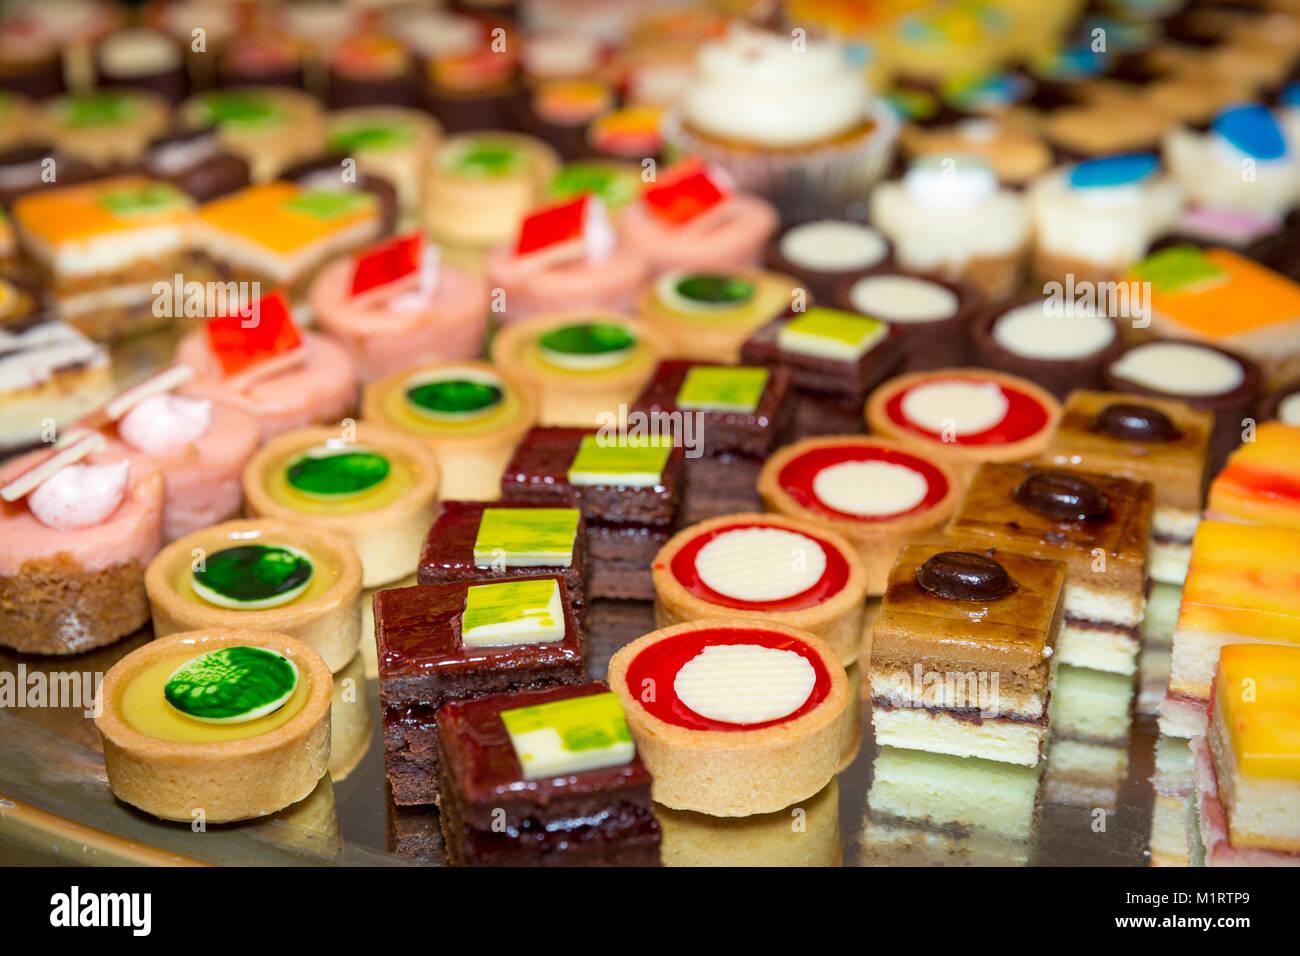 Gâteaux miniatures sur un plateau à une station du désert lors d'un dîner buffet, Naples, Photo Stock